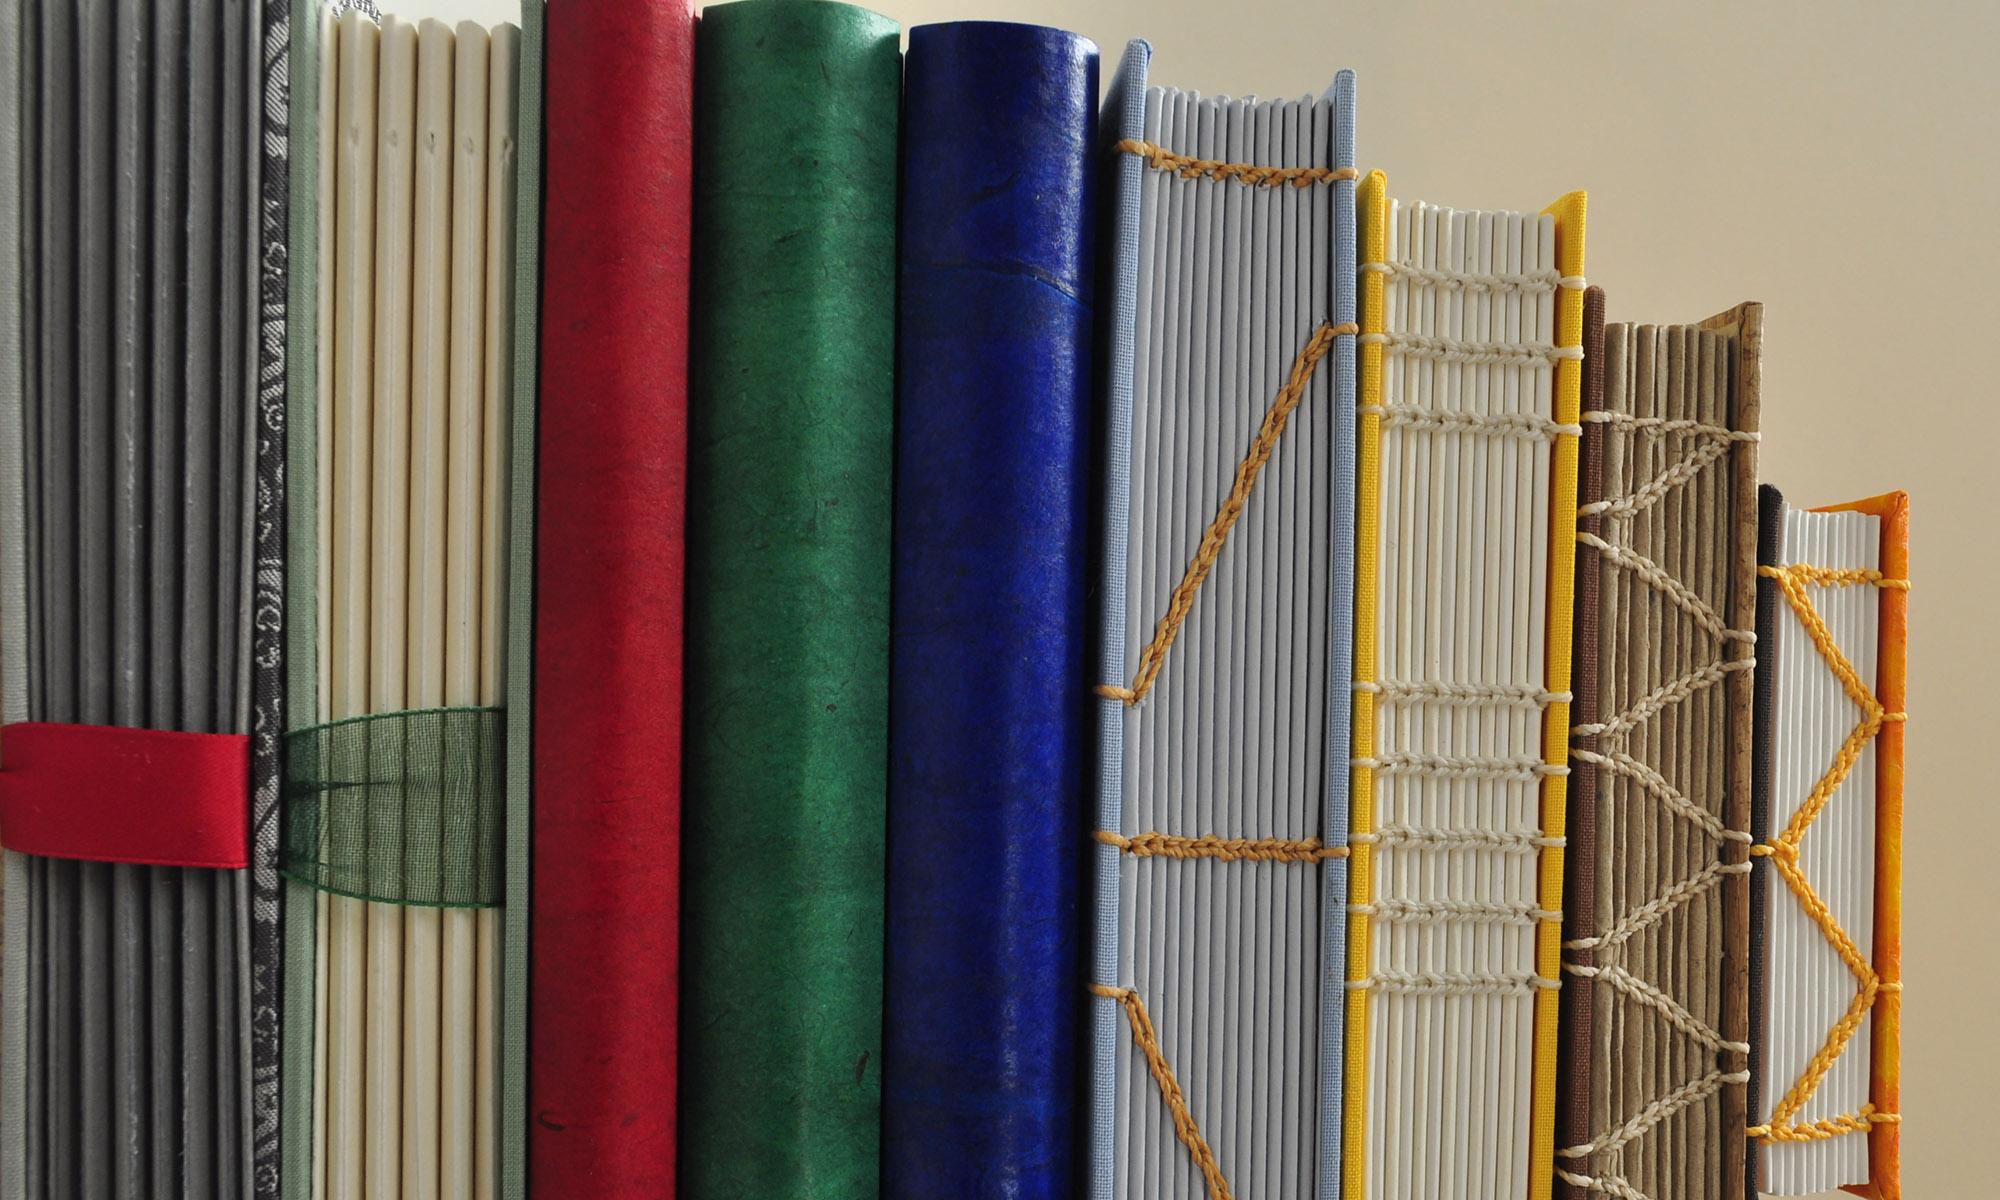 Kunsthandwerkliche Buchbinderei